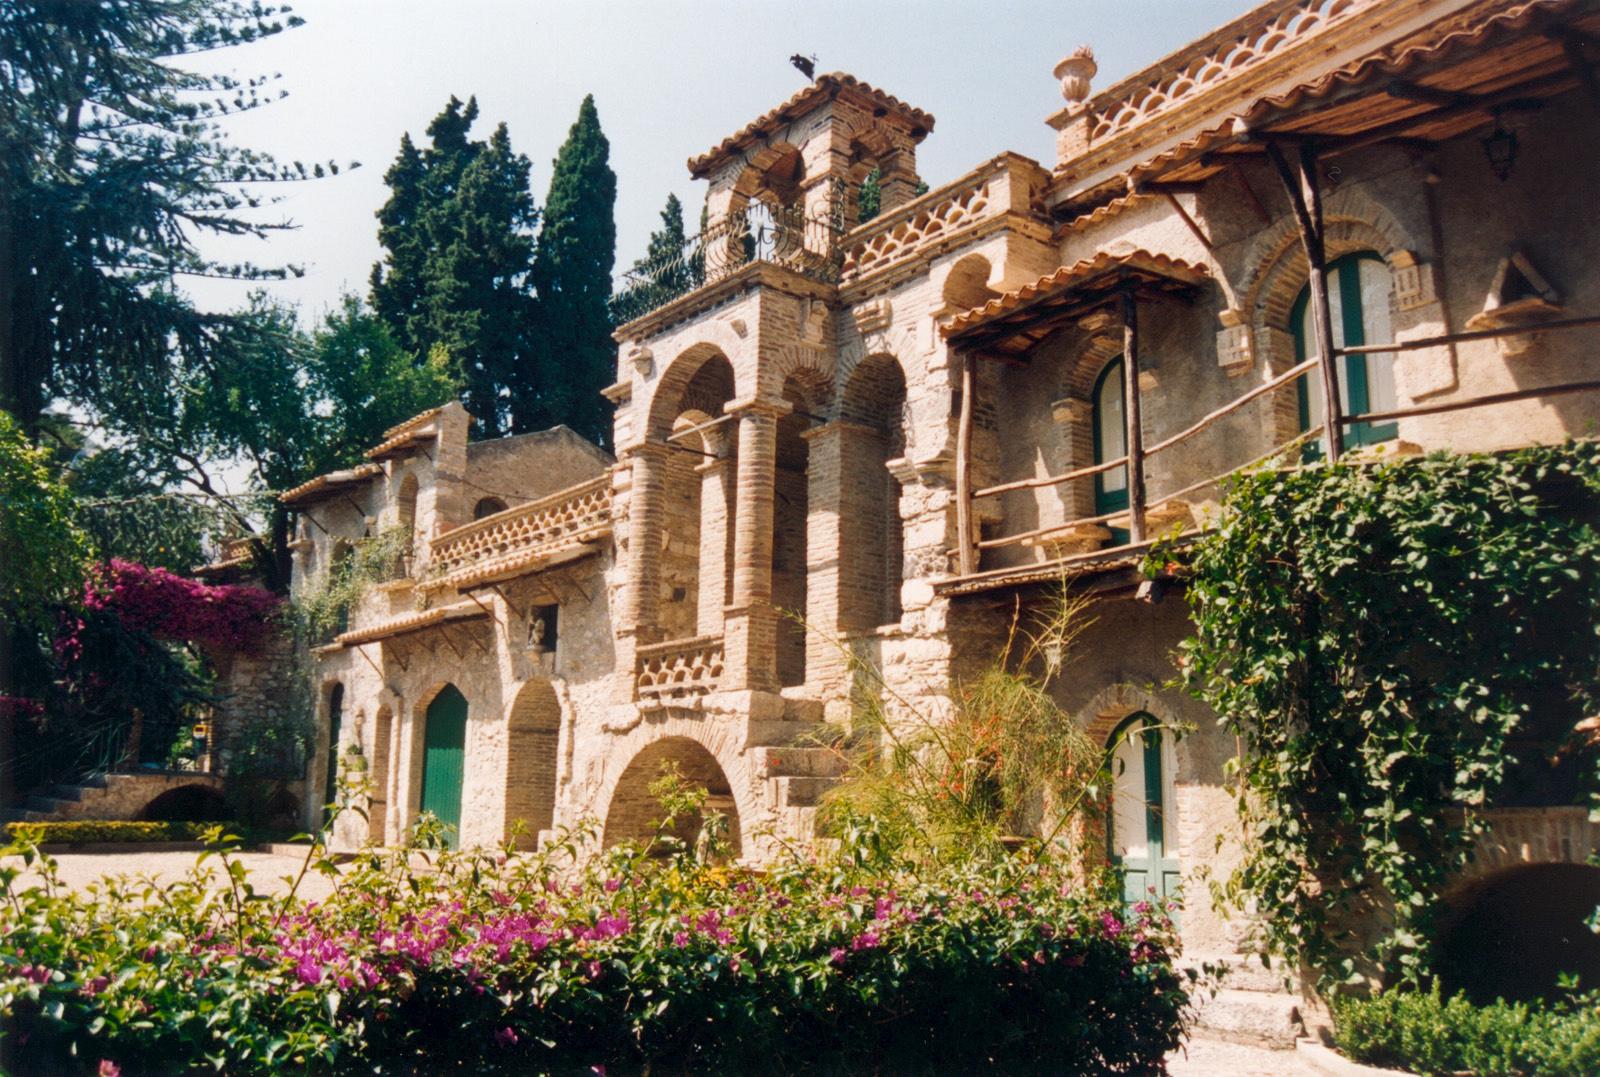 Cerco Villa In Affitto Per Casa Famiglia A Massa Carrara